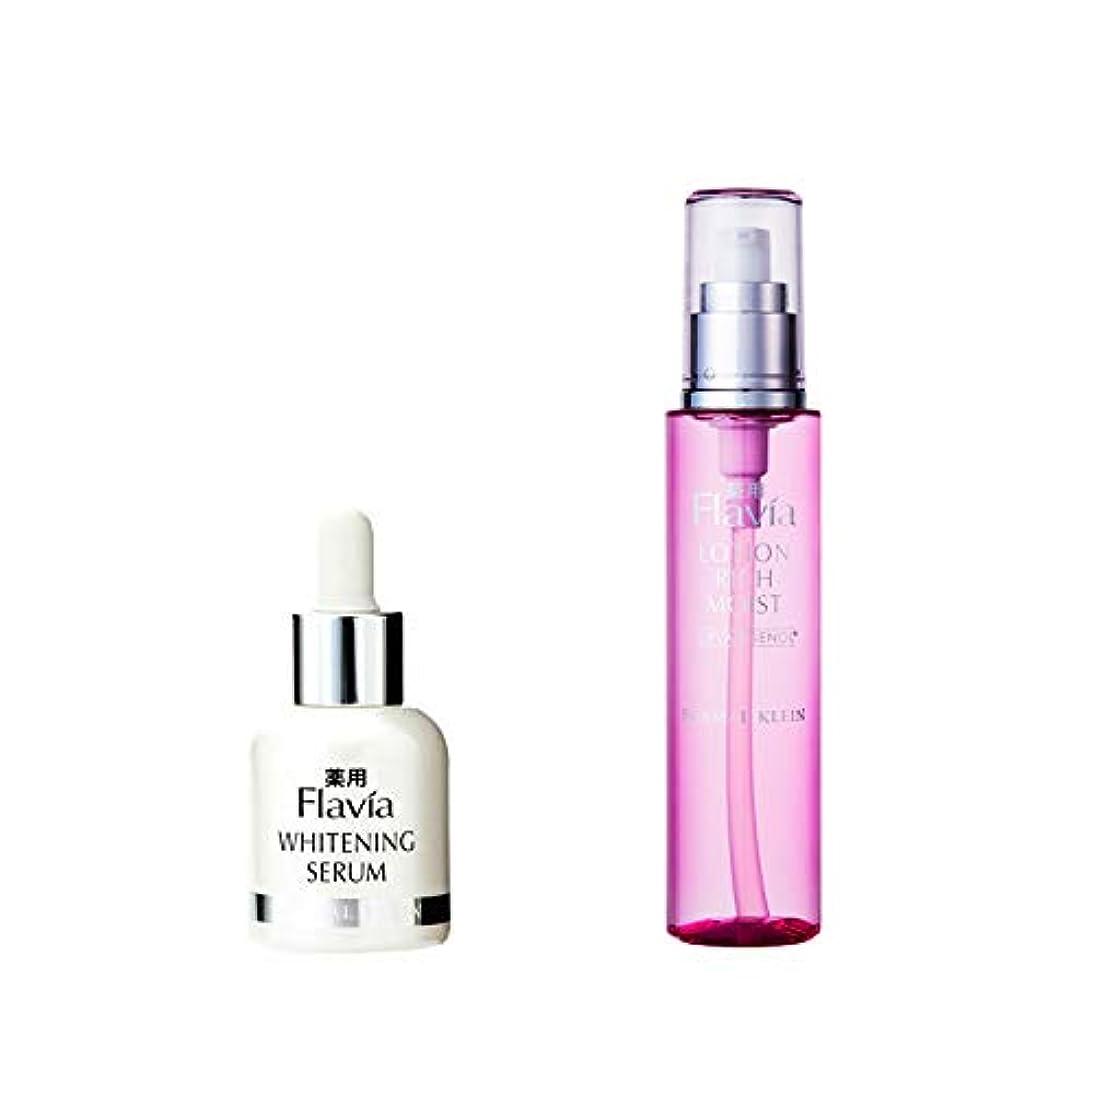 吸収要求に変わるフォーマルクライン 薬用フラビア 美白美容液(30ml)、化粧水(リッチモイスト150ml)2点セット